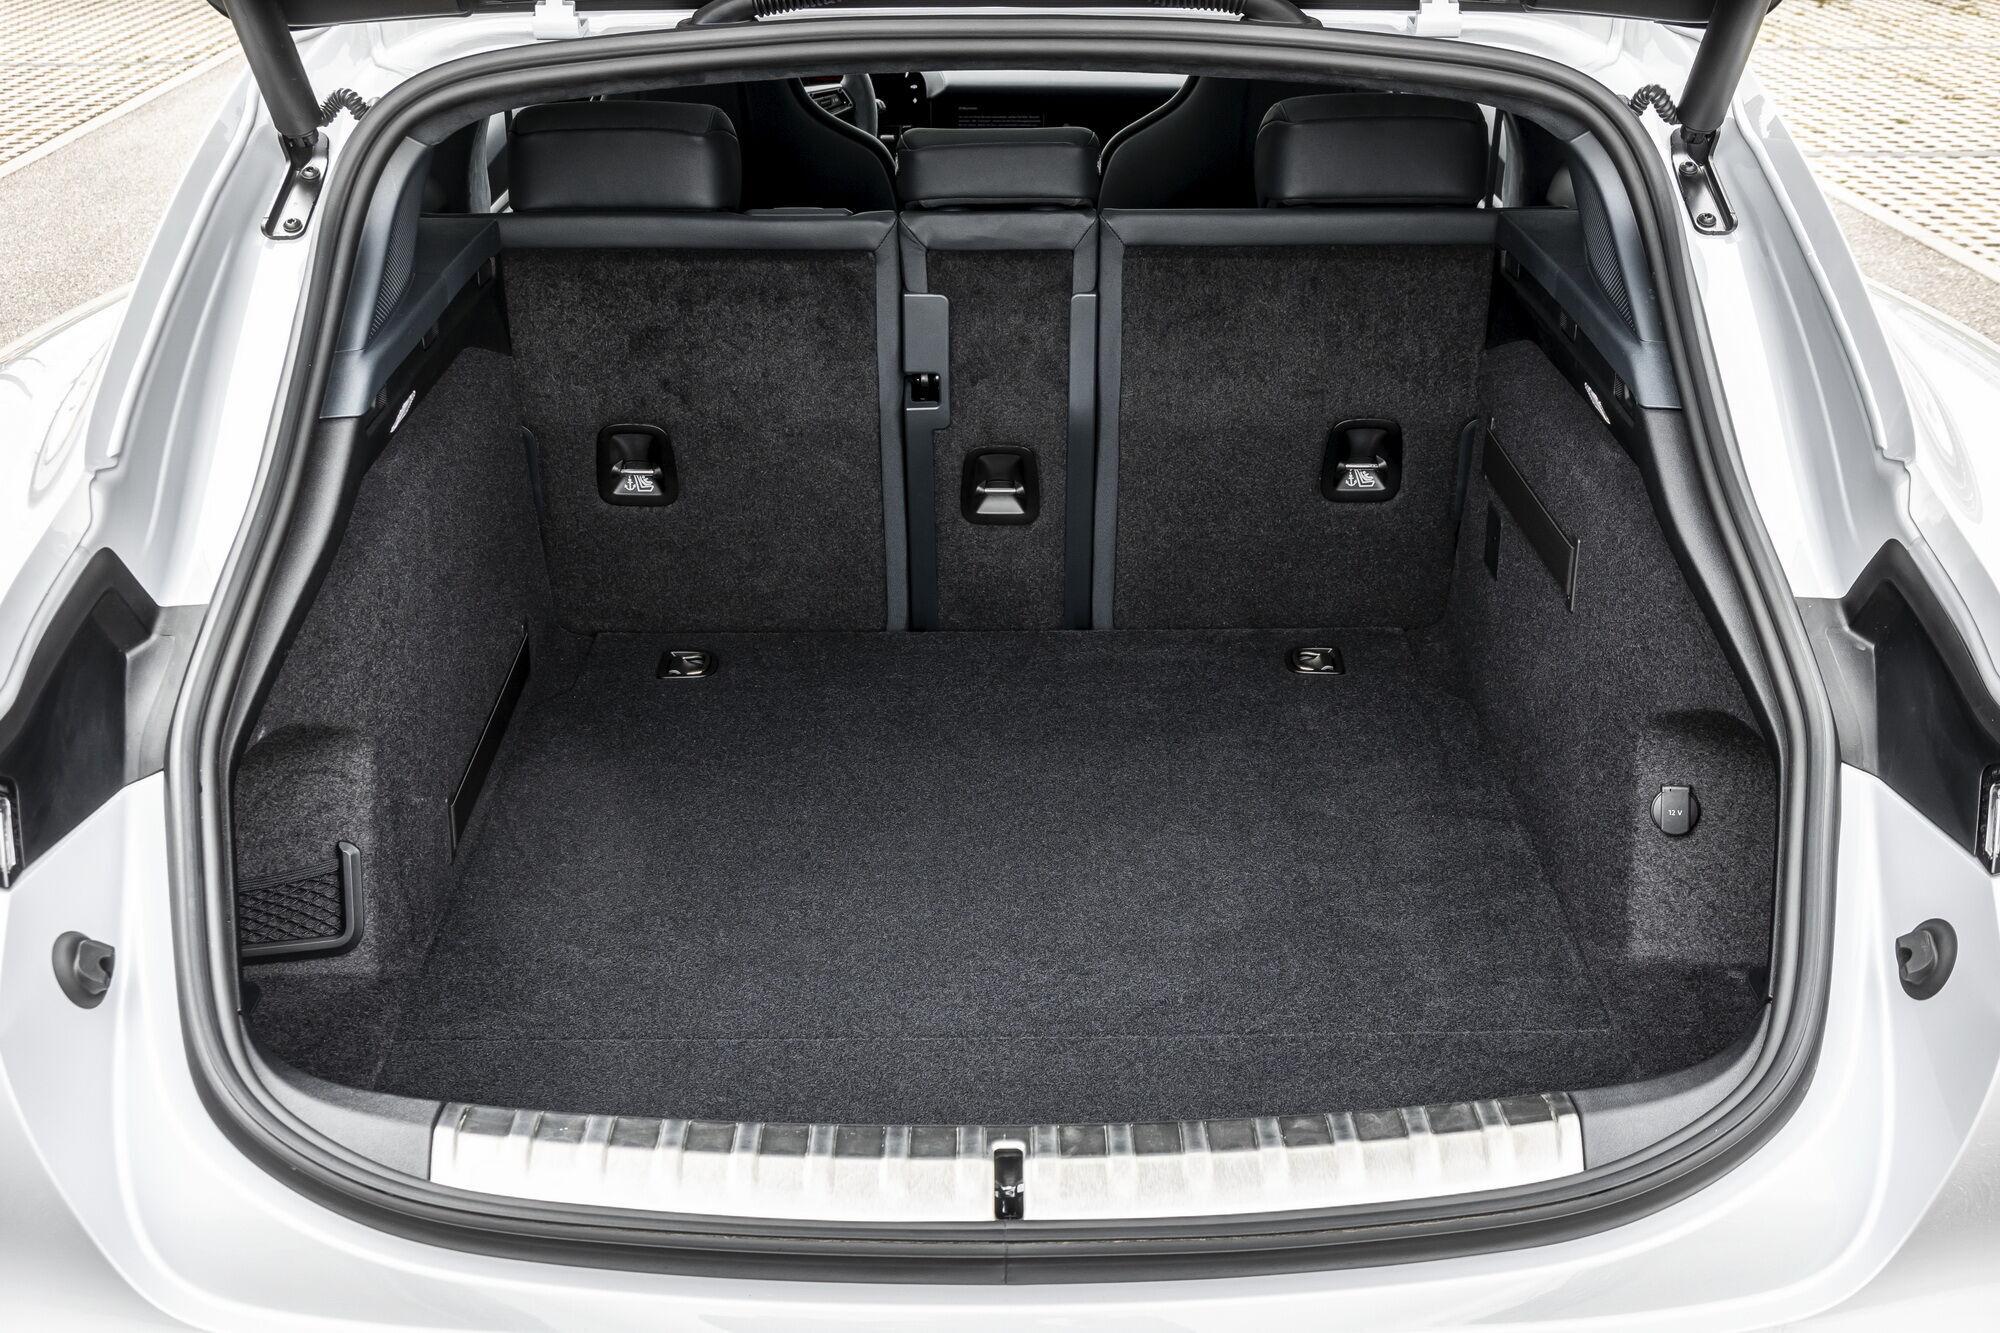 По сравнению с седаном дверь багажника стала шире и больше, что позволяет загружать более крупные предметы